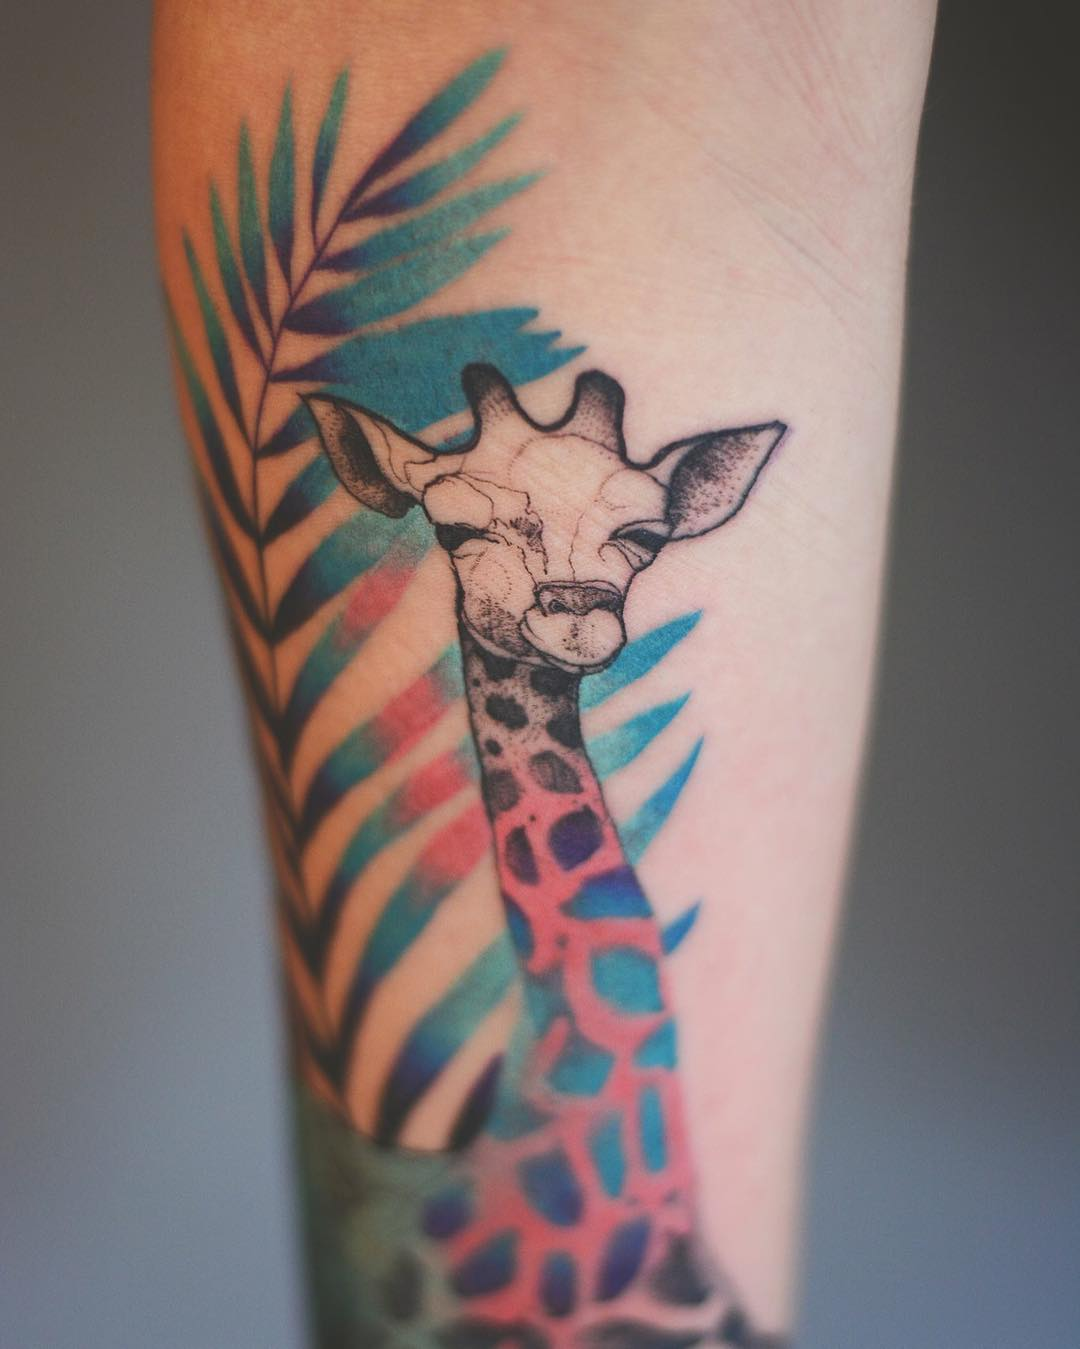 Ange Gardien Protecteur Tatouage tatouages élégants d'animaux de joanna swirska | esprit